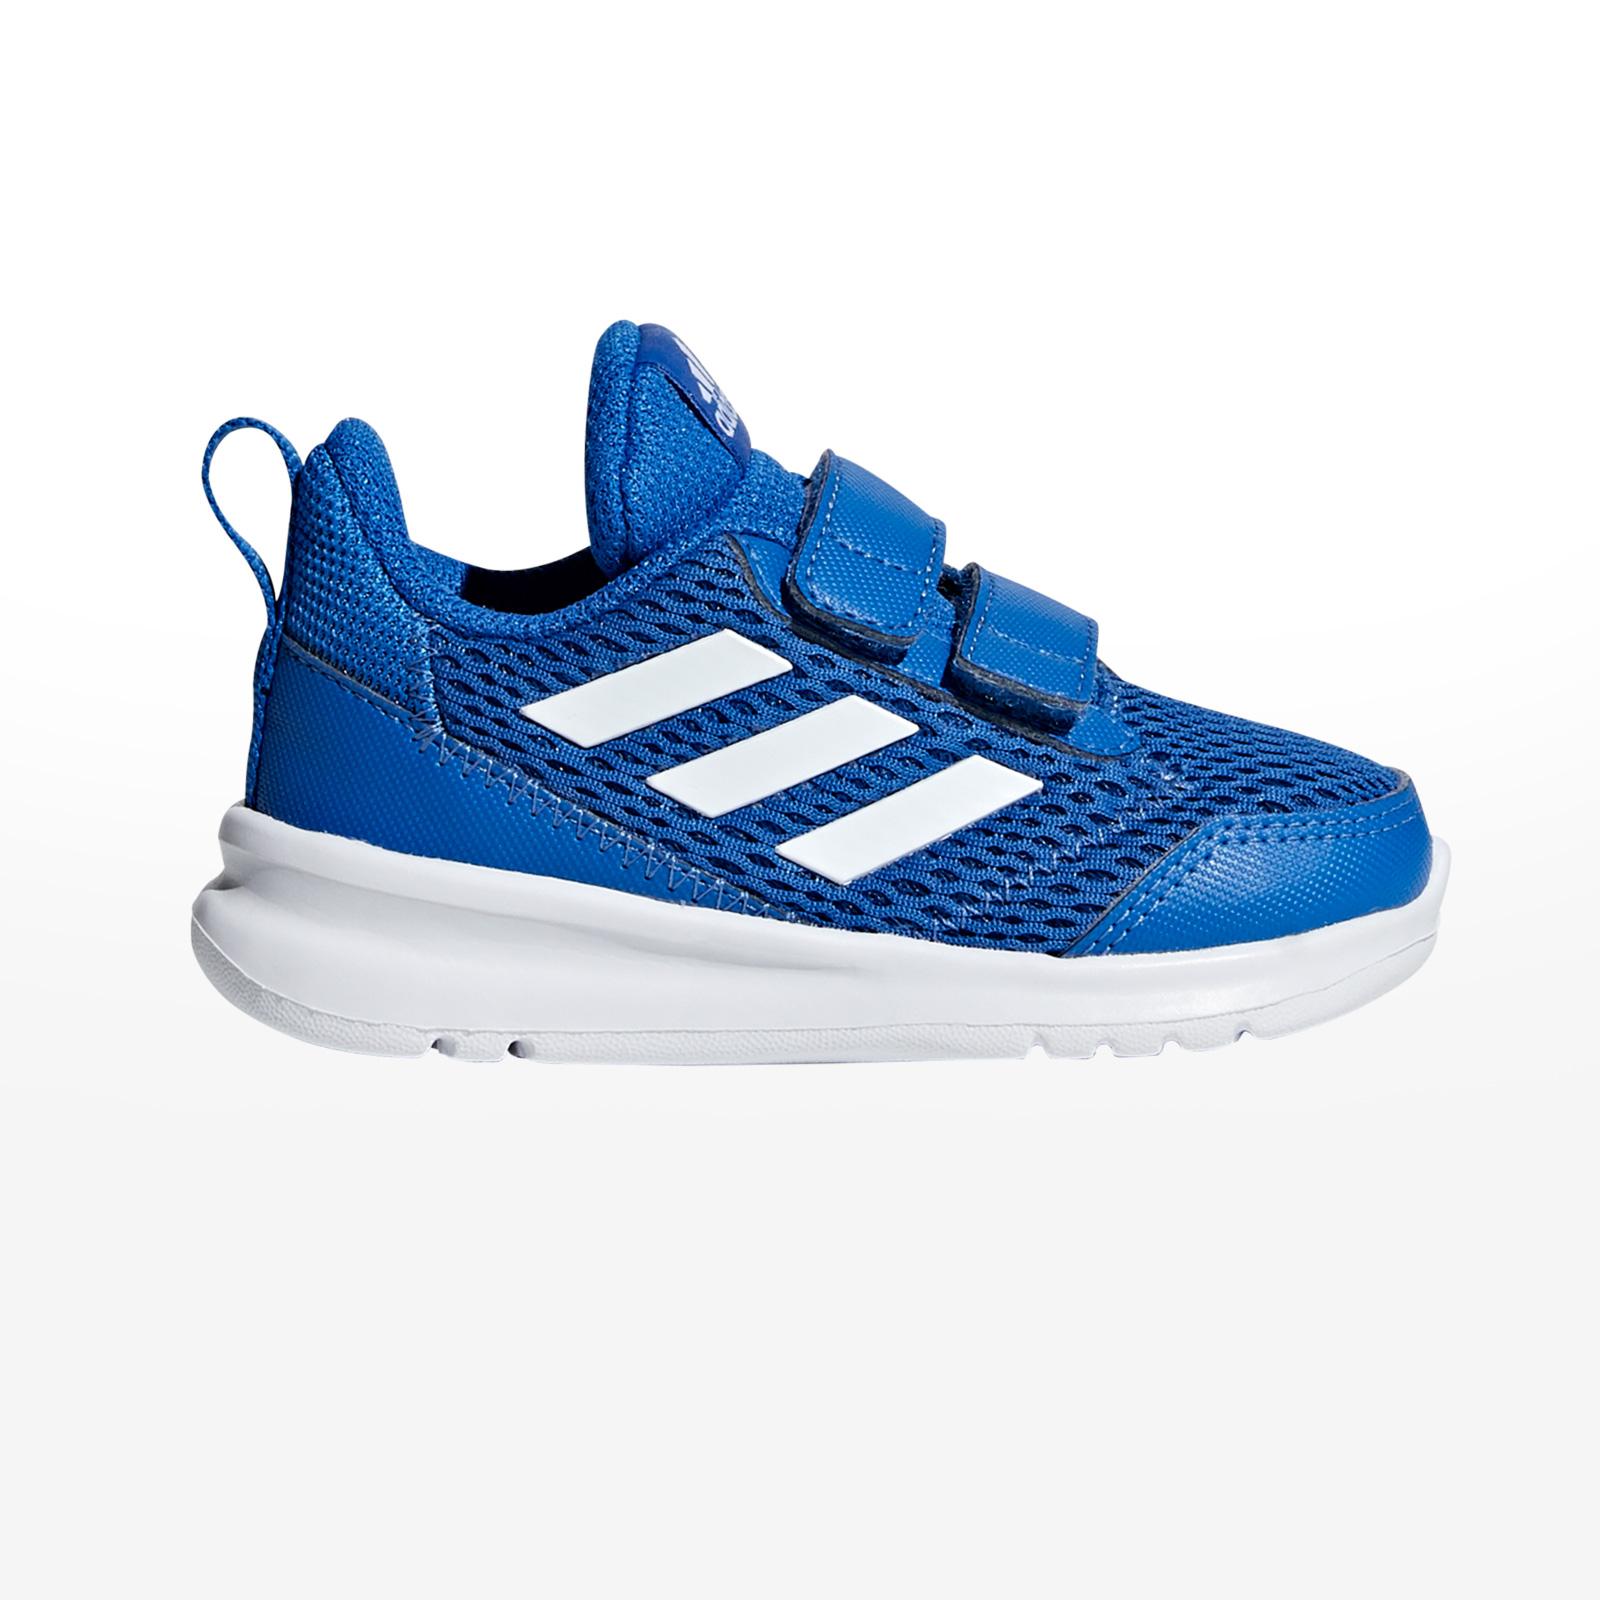 6129074f62a Sportcafe adidas – ALTARUN CF I – BLUE/FTWWHT/BLUE